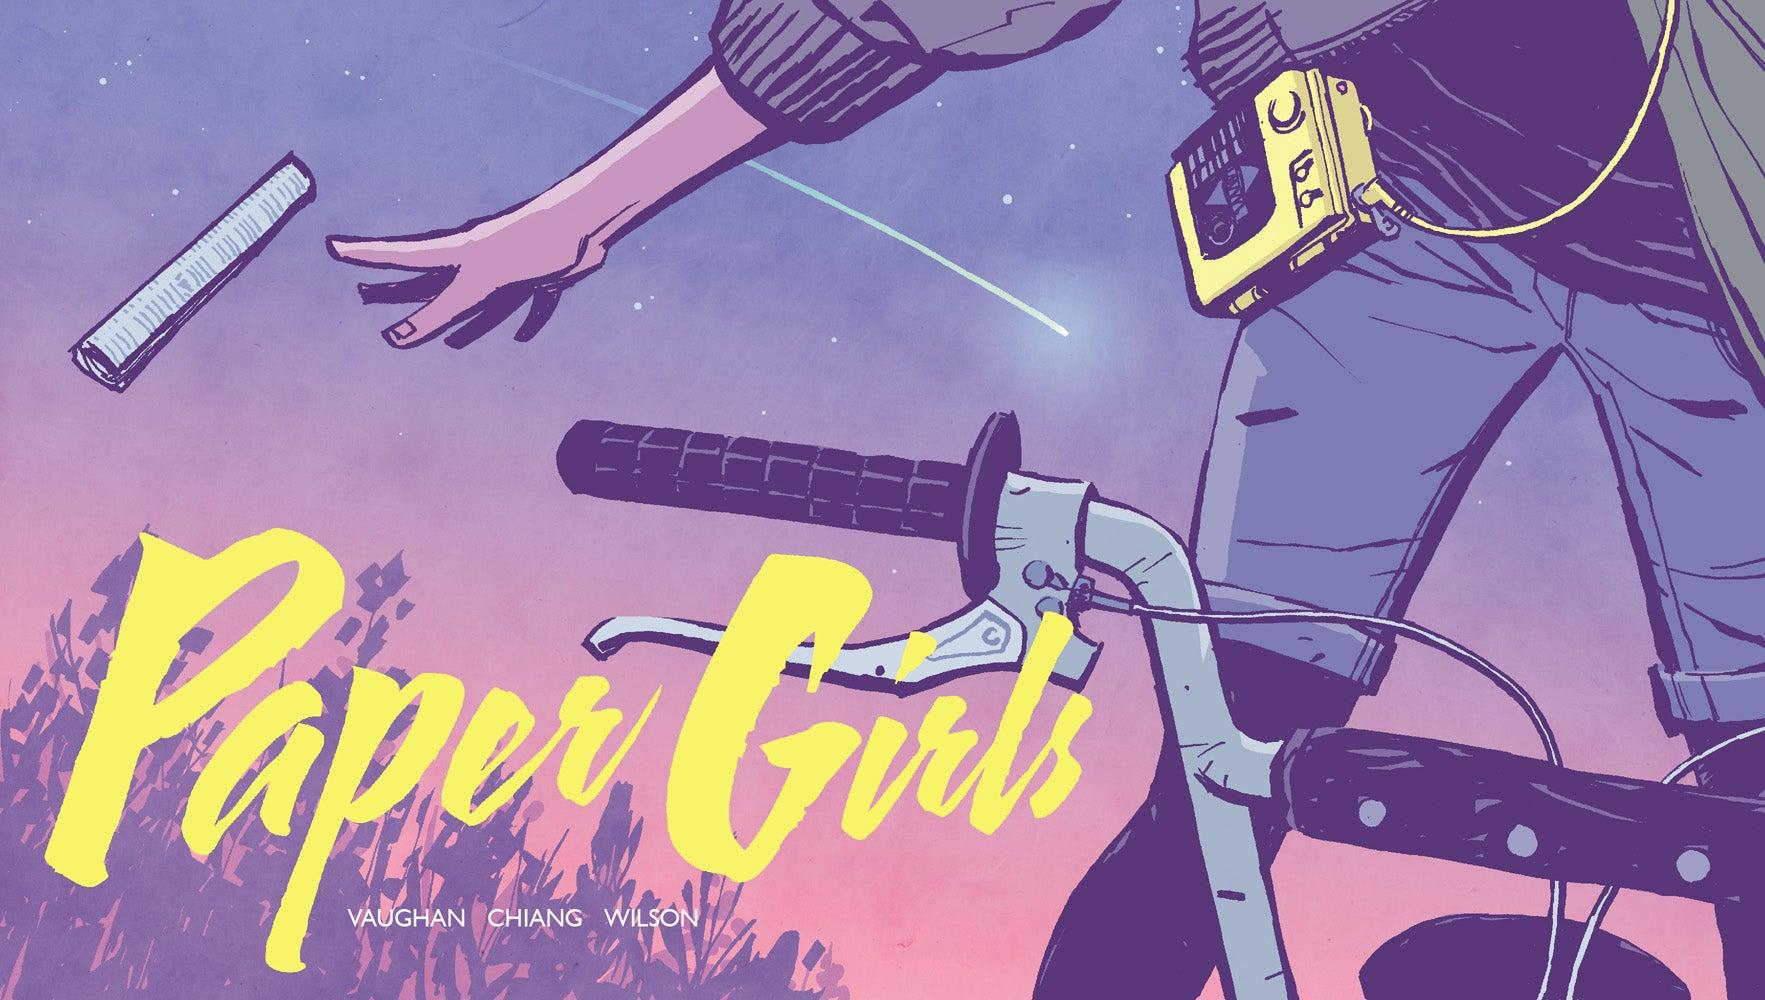 Paper Girls - Teaser